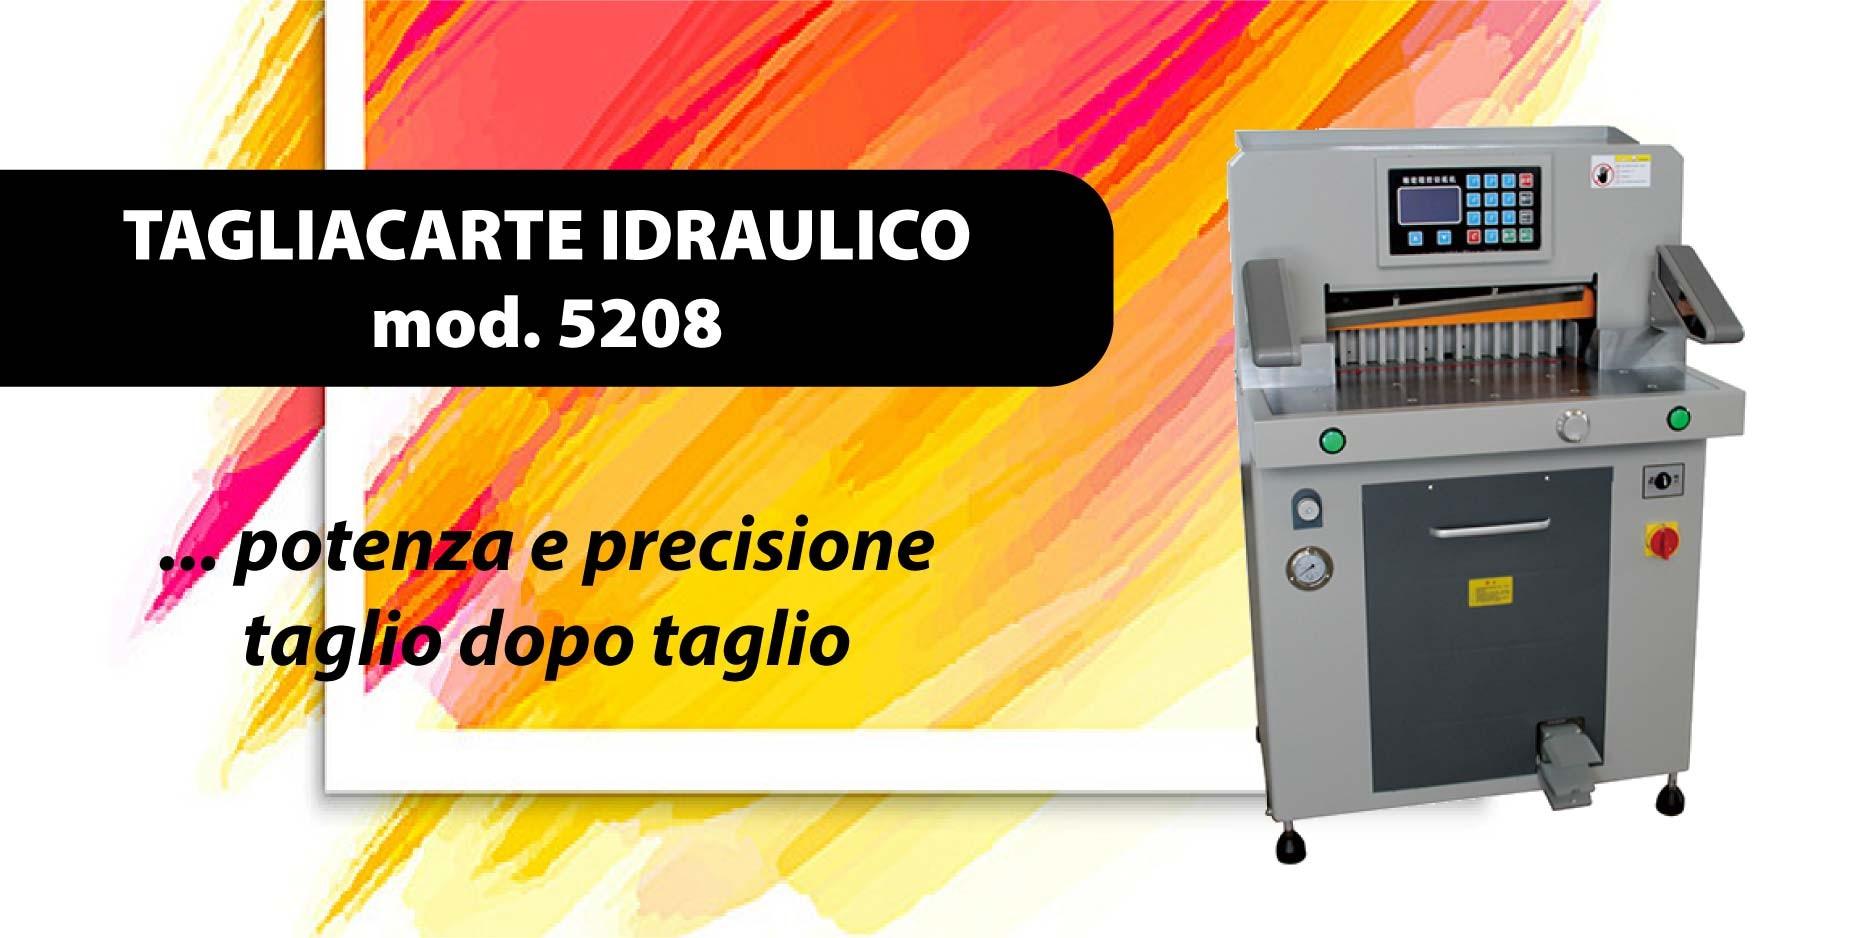 Tagliacarte idraulico modello 5208